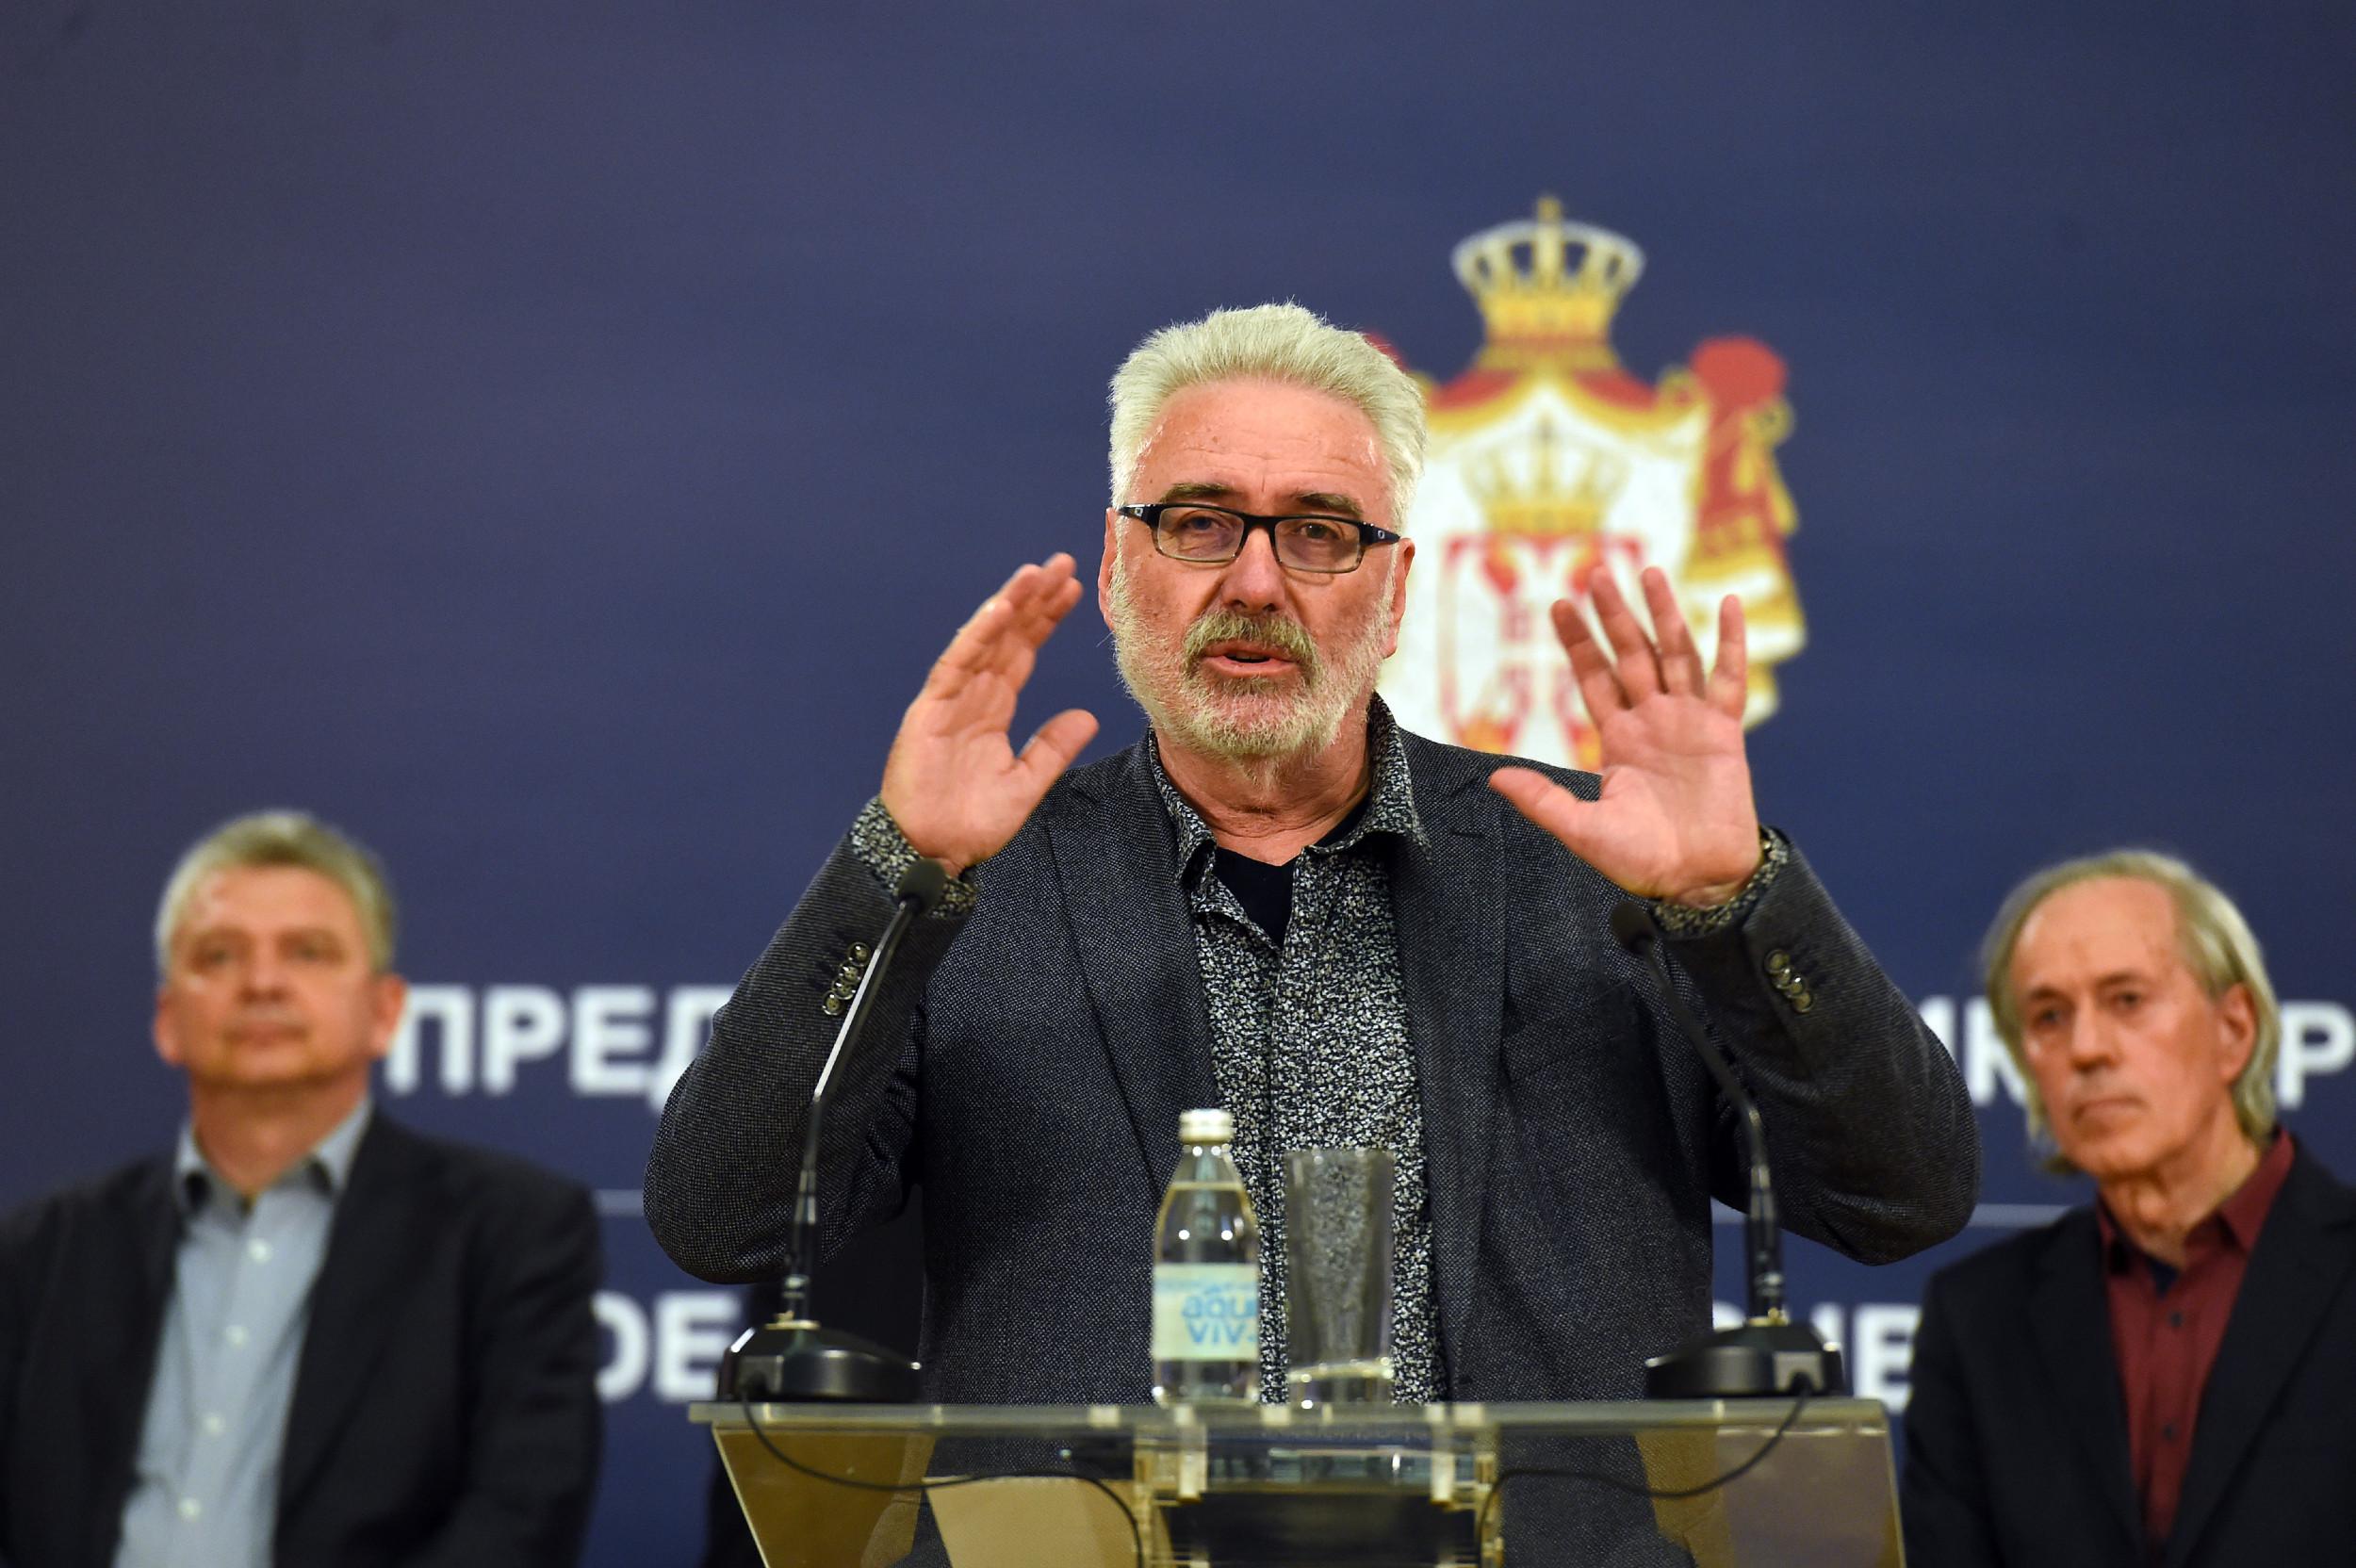 Пулмолог др Бранимир Несторовић говори на конференцији за медије (Фото: Танјуг/Драган Кујунџић)